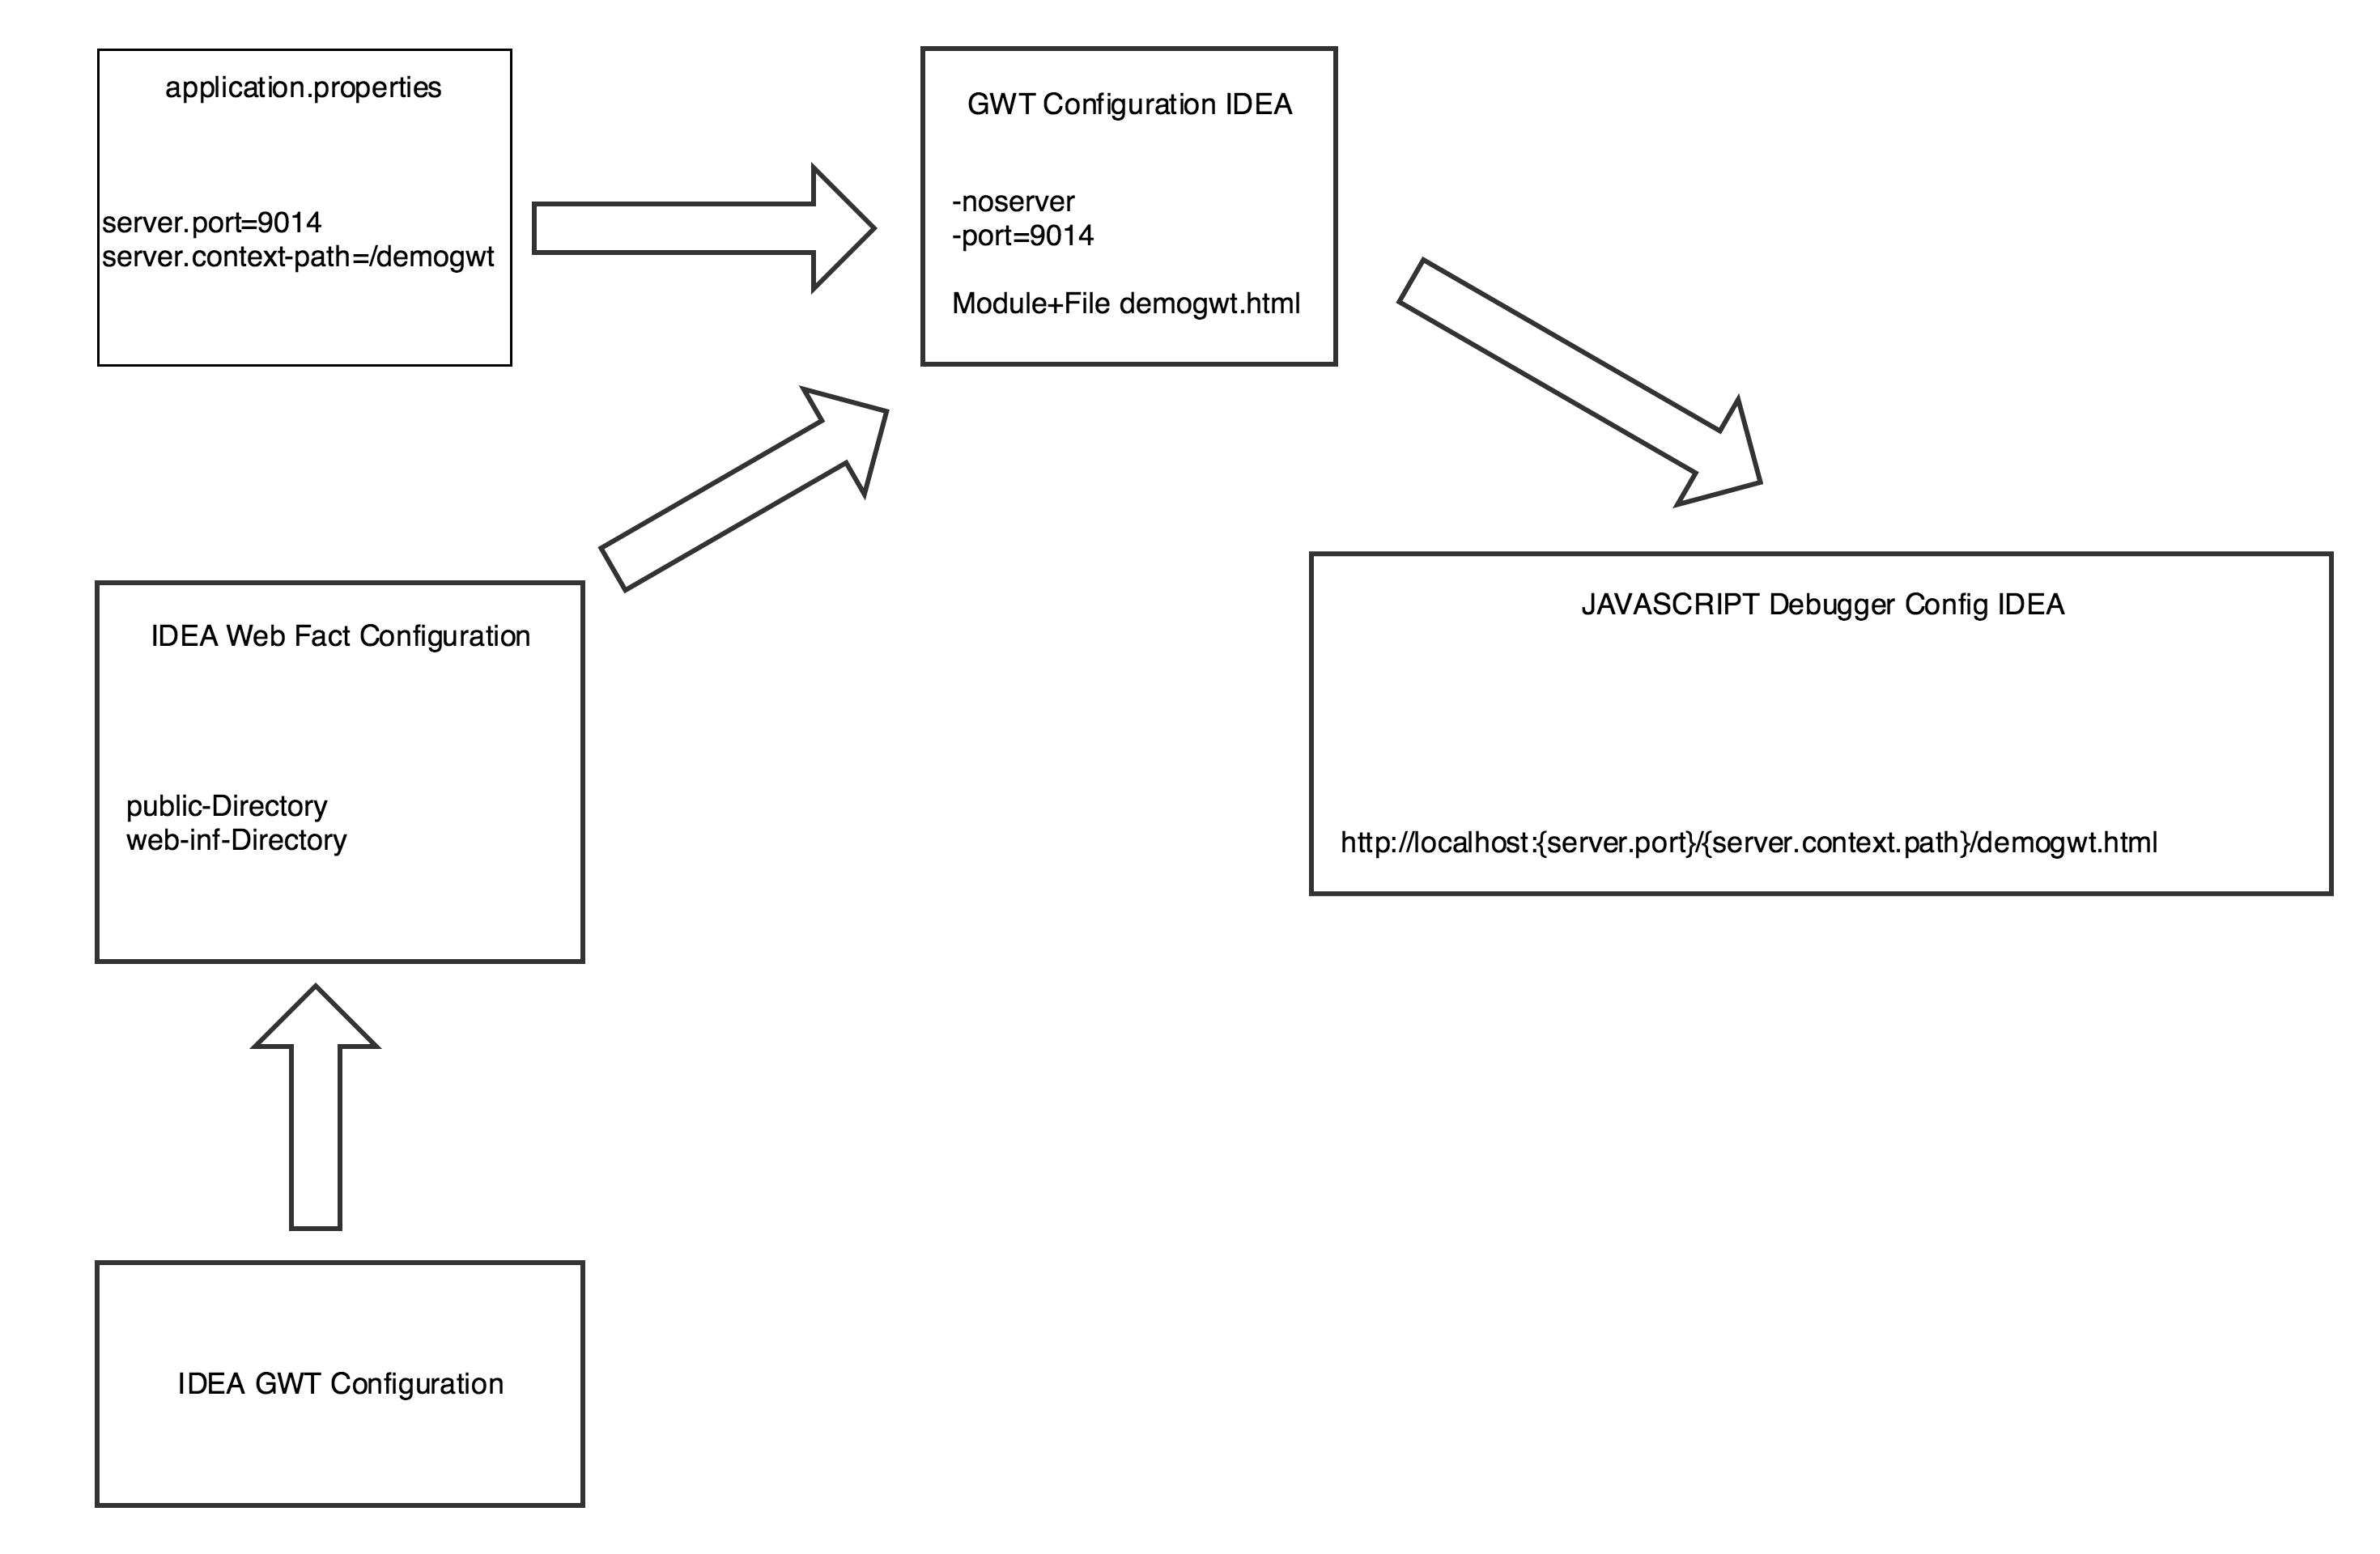 GWT Client Logging